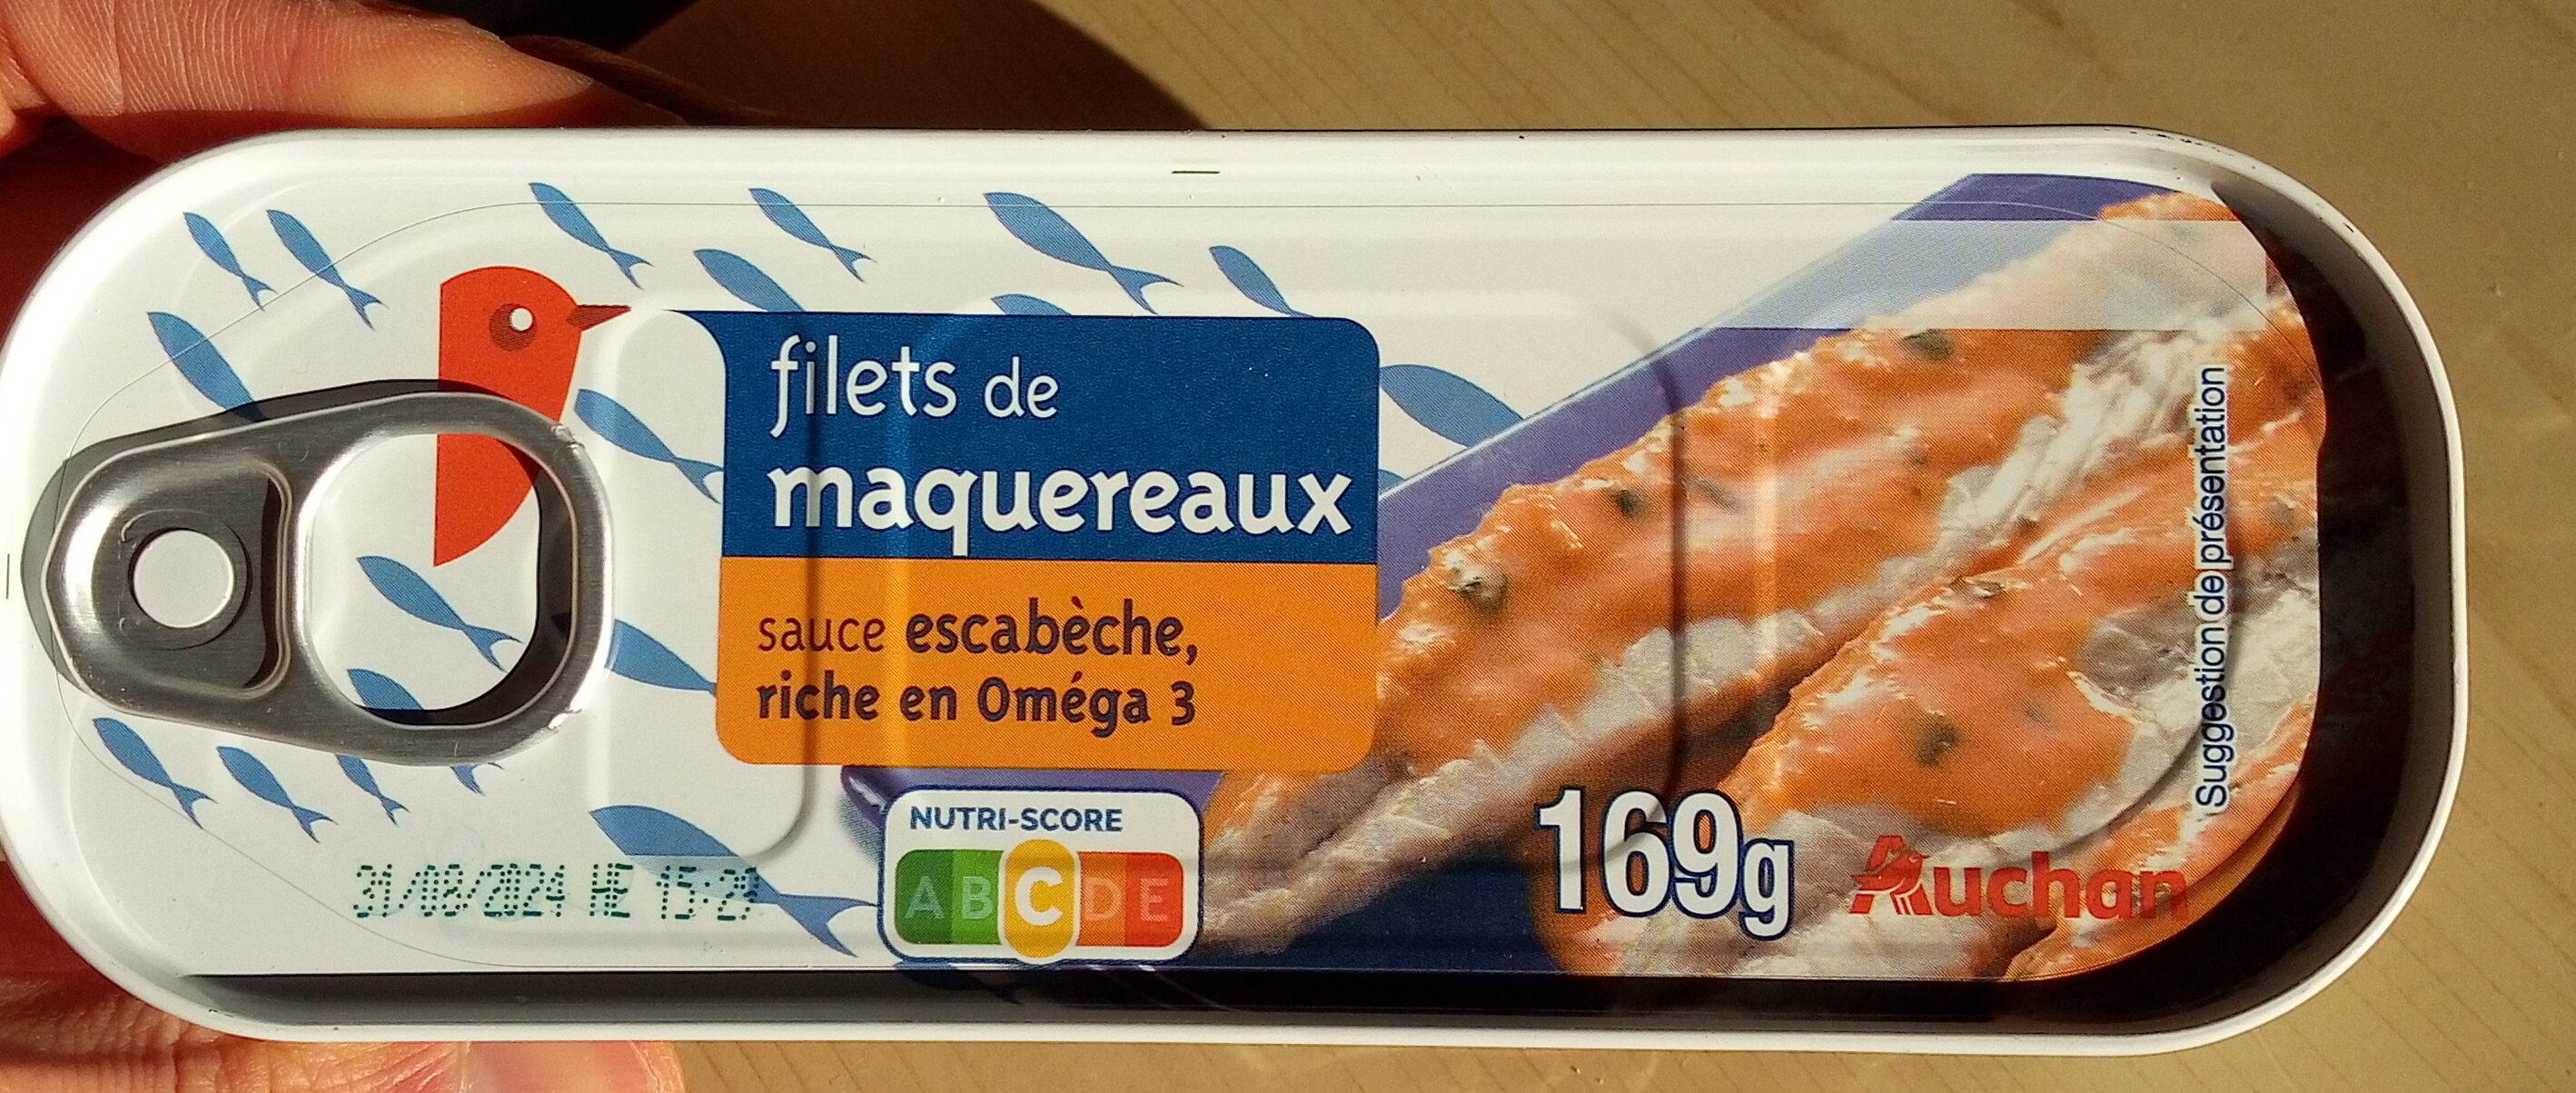 Filets de maquereaux sauce escabèche - Prodotto - fr